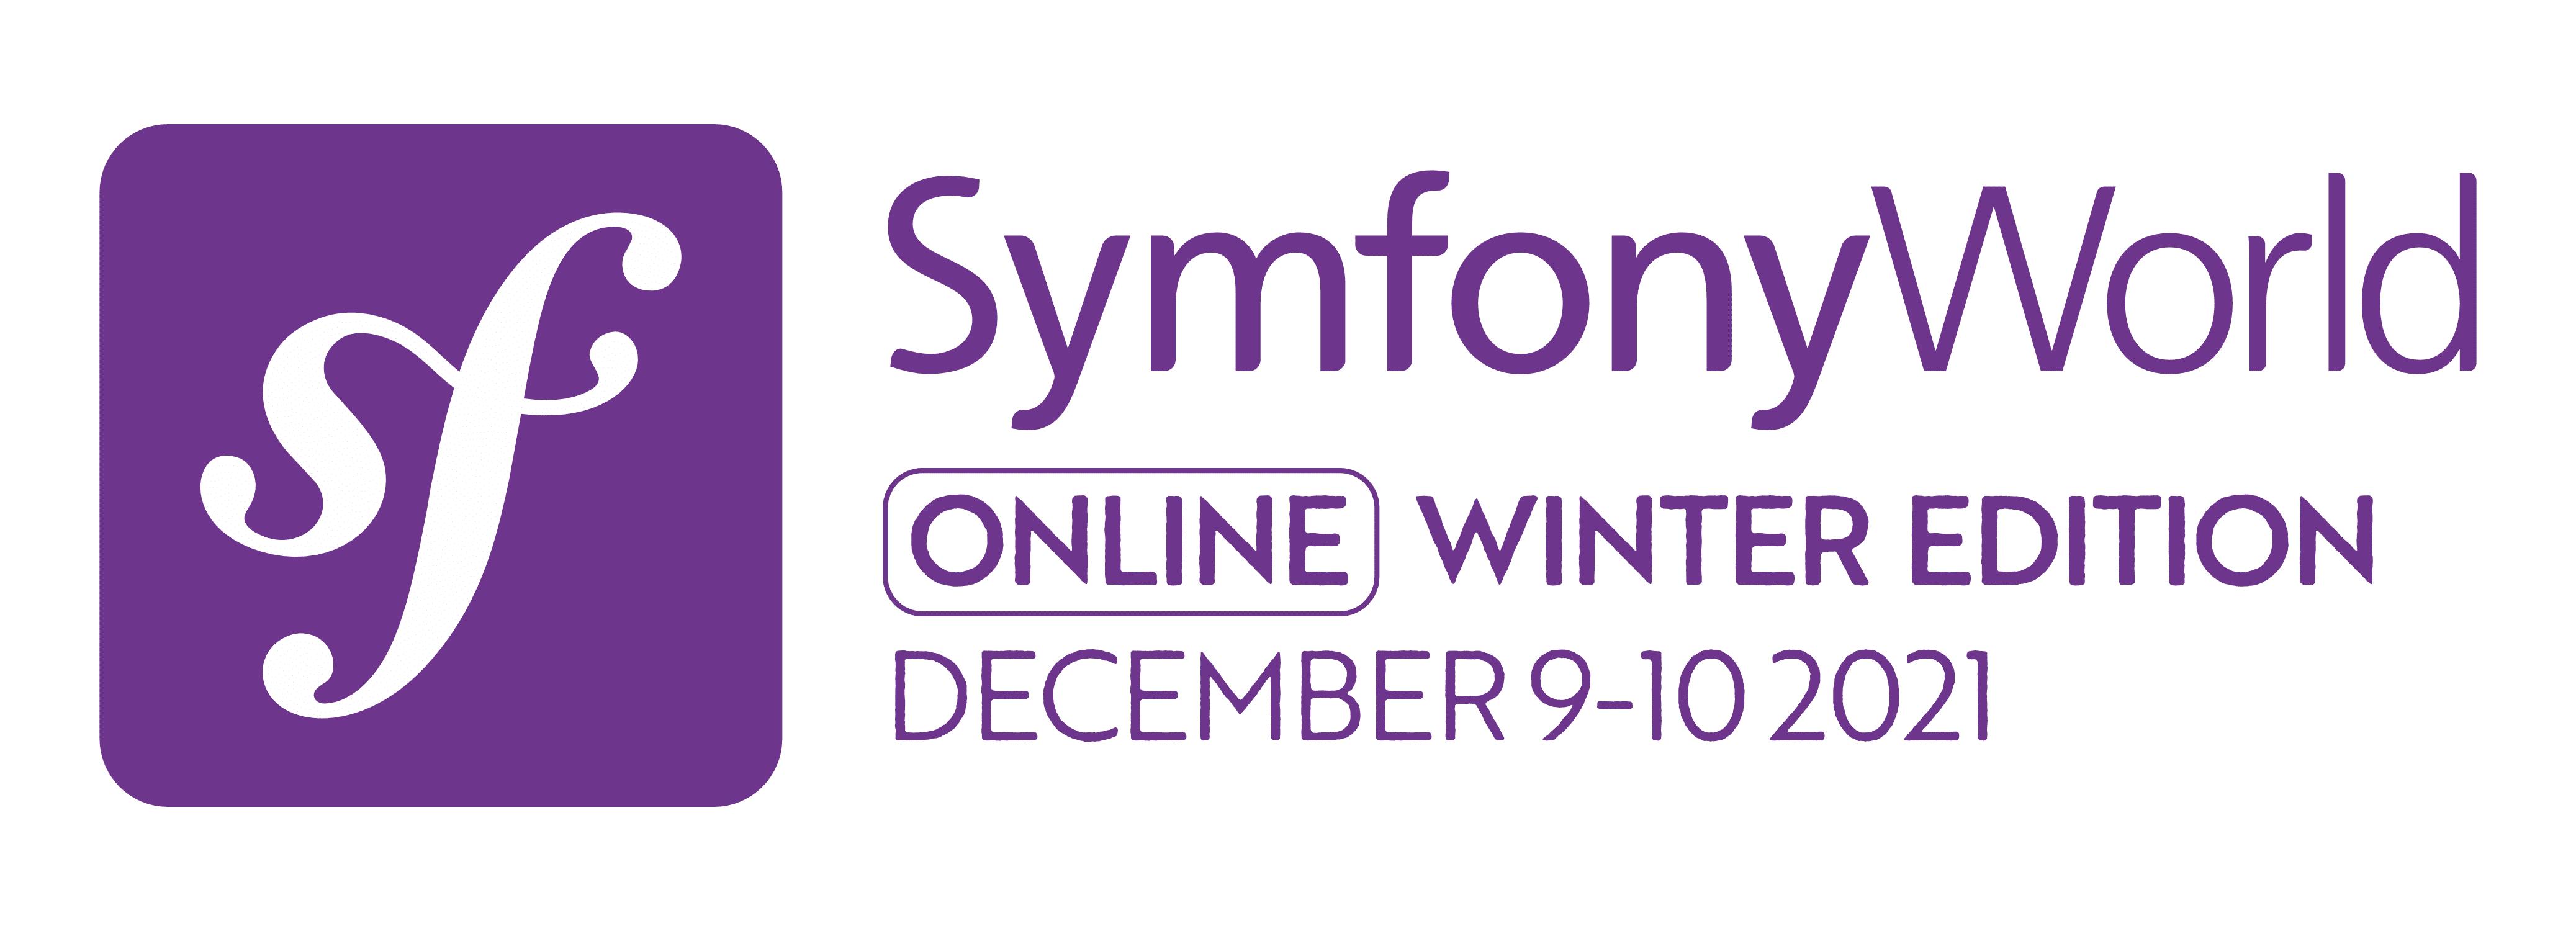 Sfworld Online 2021 Winter